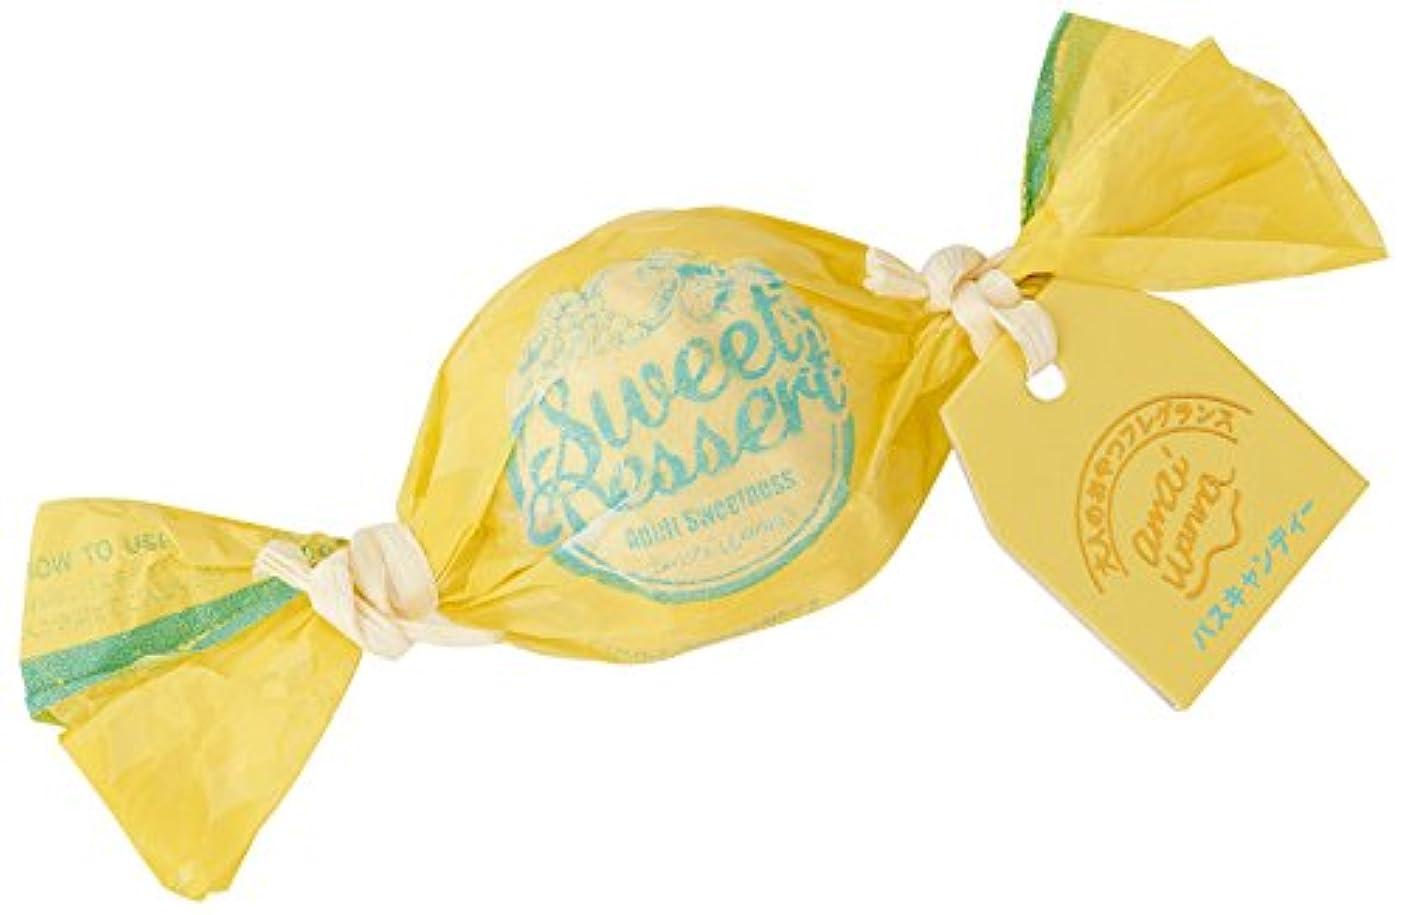 窒息させるの慈悲で土曜日アマイワナ バスキャンディー35g×12粒 大人の甘美デザート(発泡タイプ入浴料 フローラルと果実の香り)